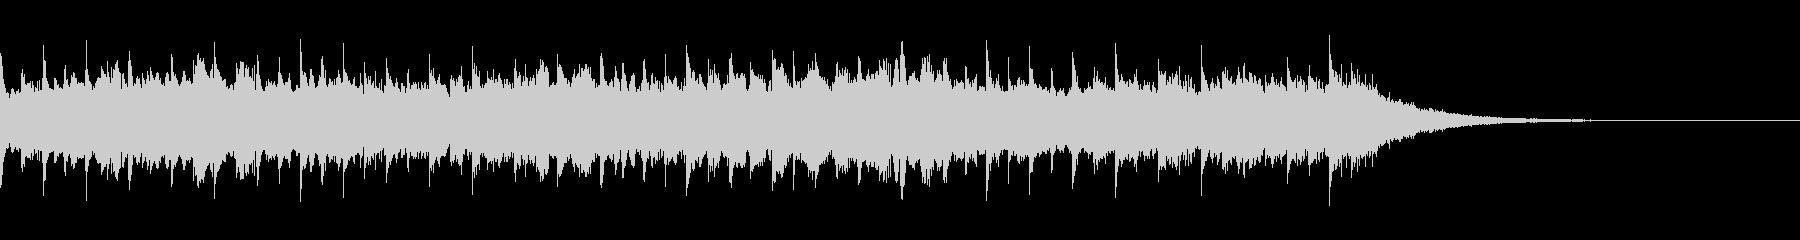 ニュース3(約30秒 ループ可)の未再生の波形